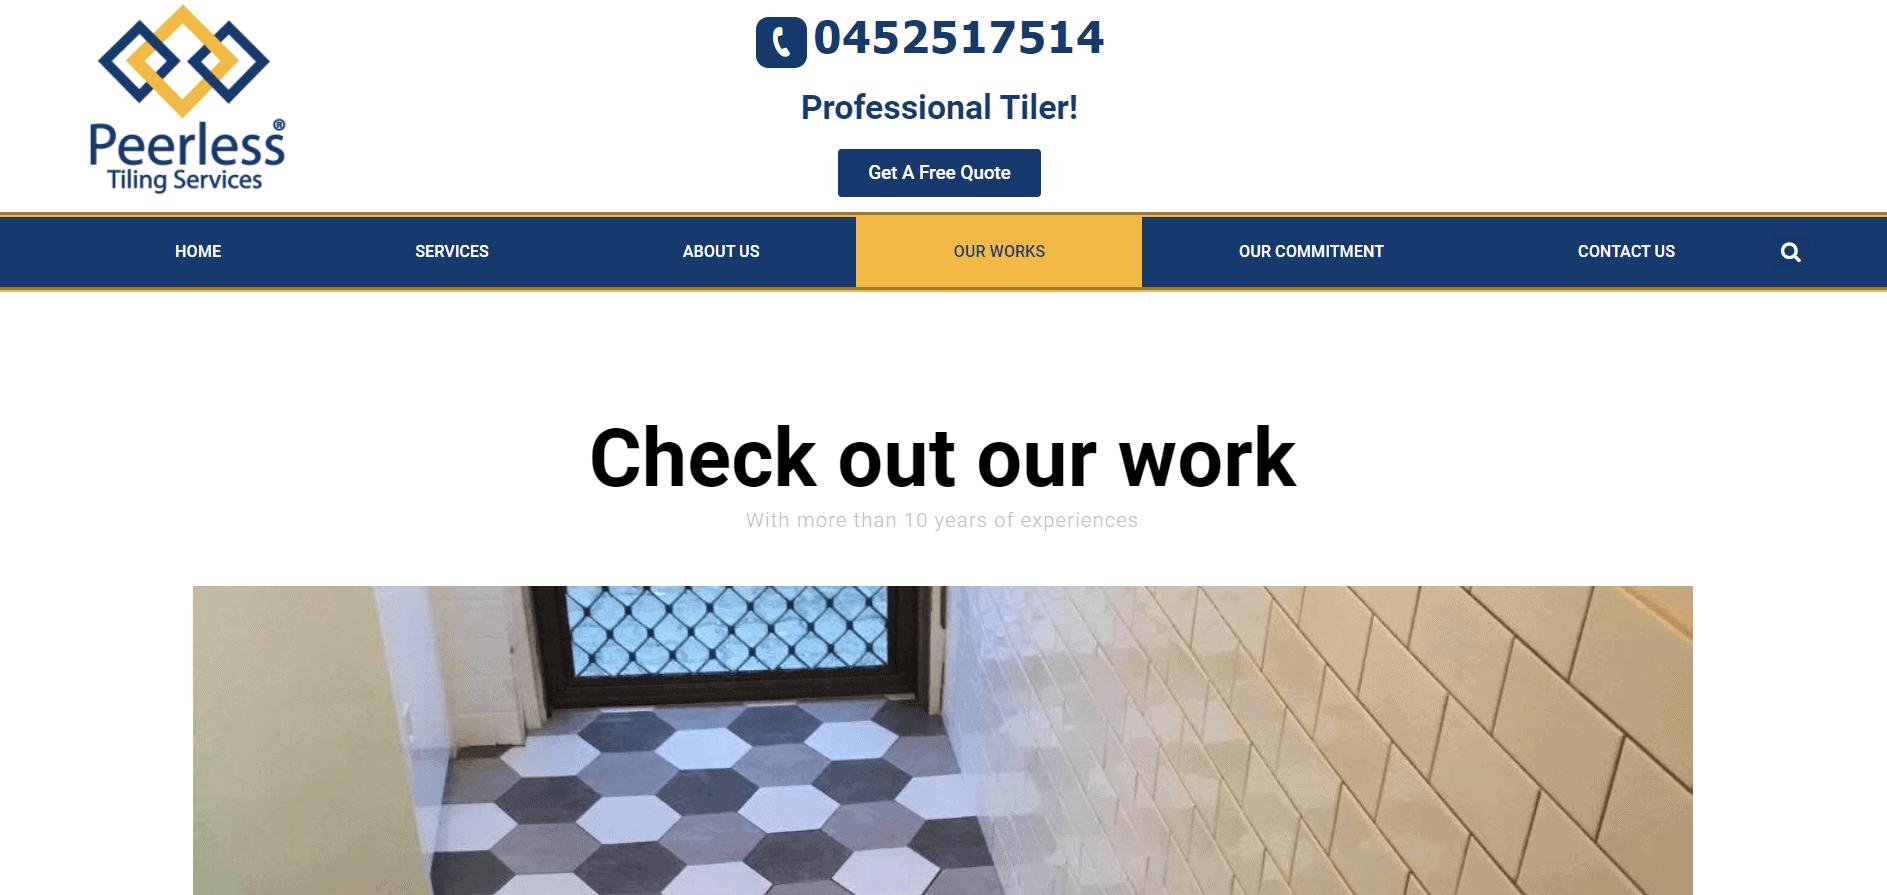 peerless tiling